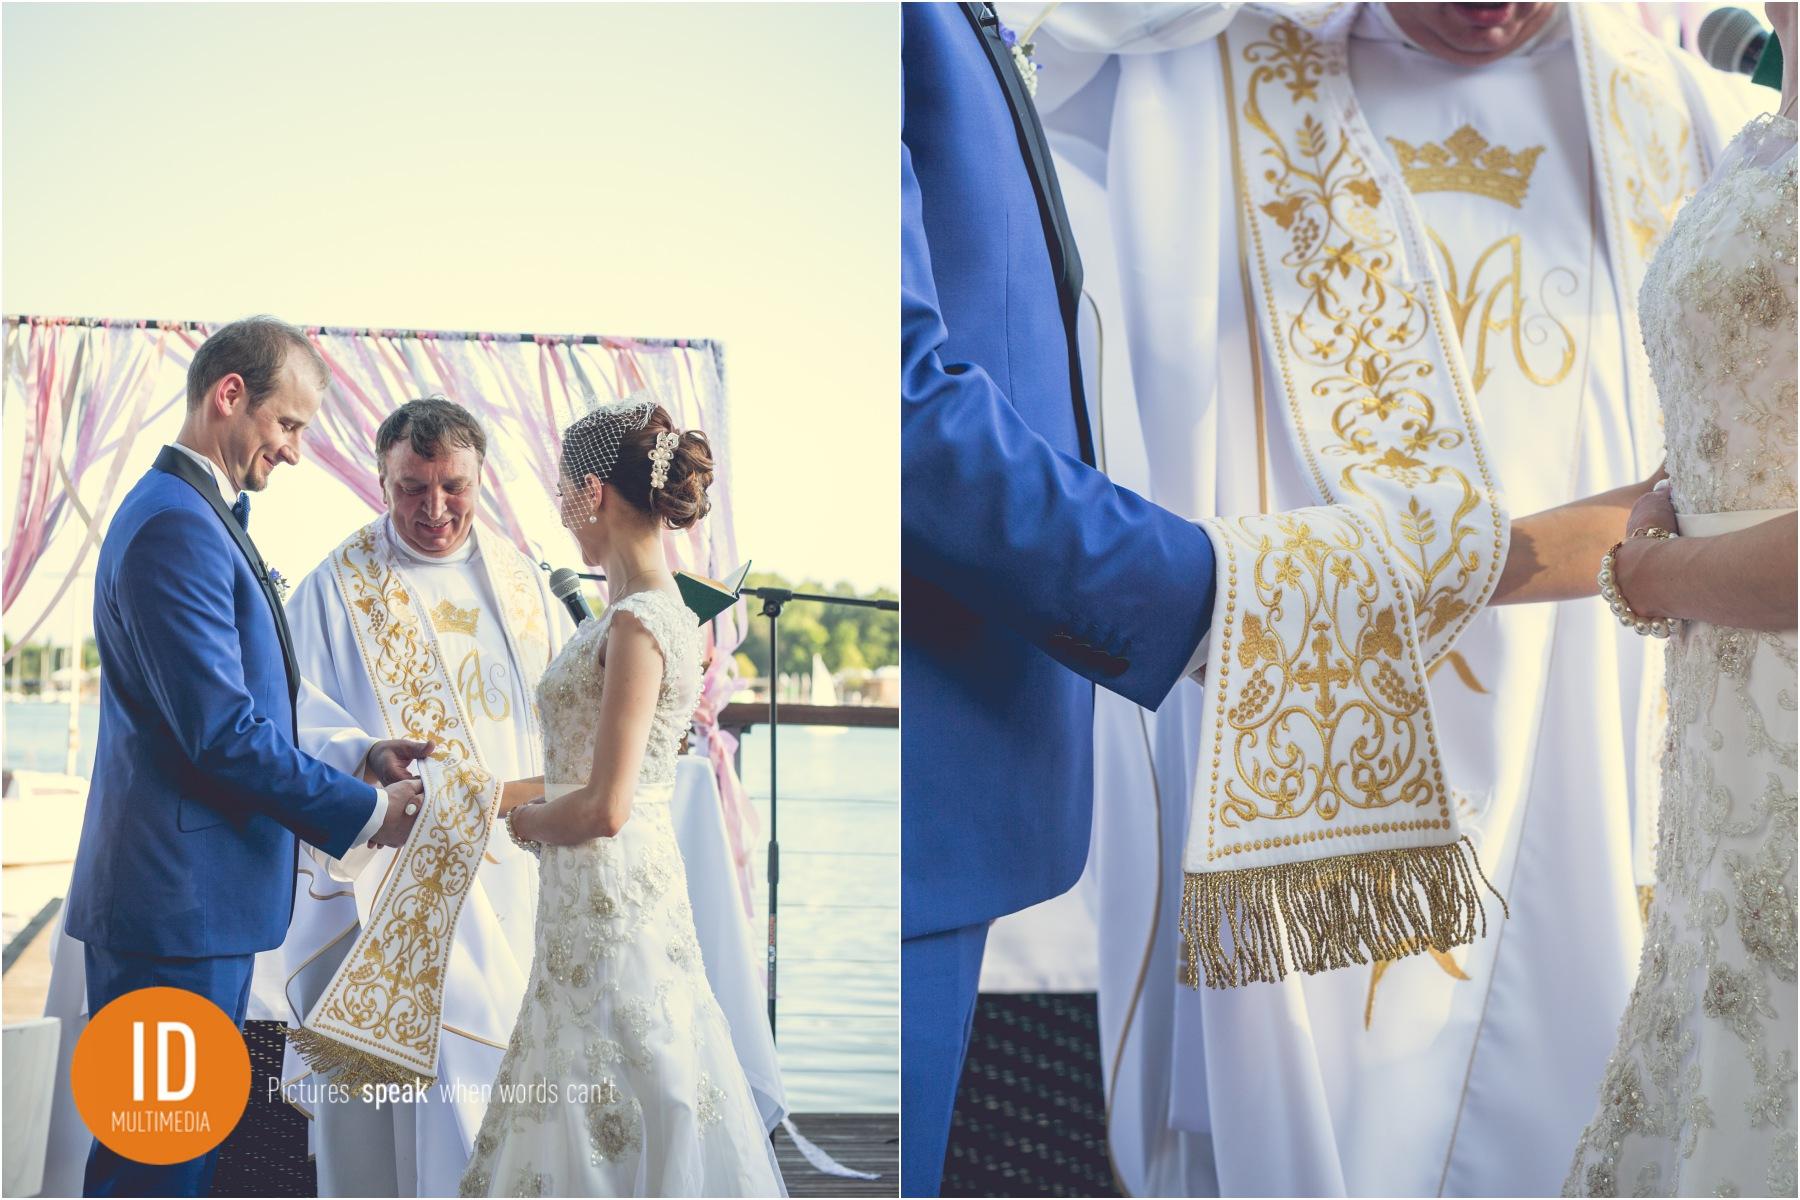 Ślub w stylu retro.